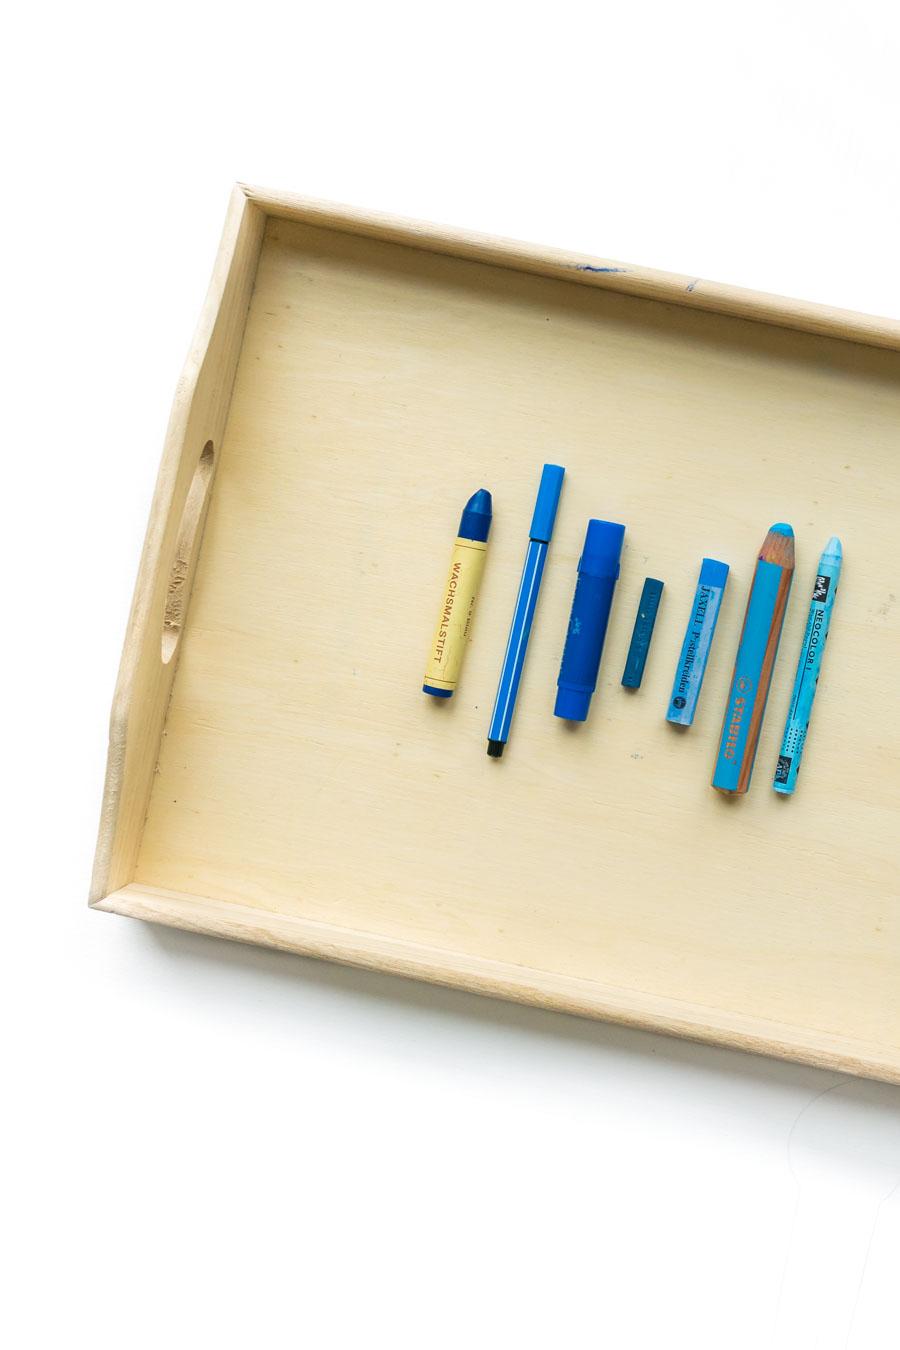 Basteln Mit Kleinkindern Ohne Vorgaben Wir Entdecken Die Farbe Blau